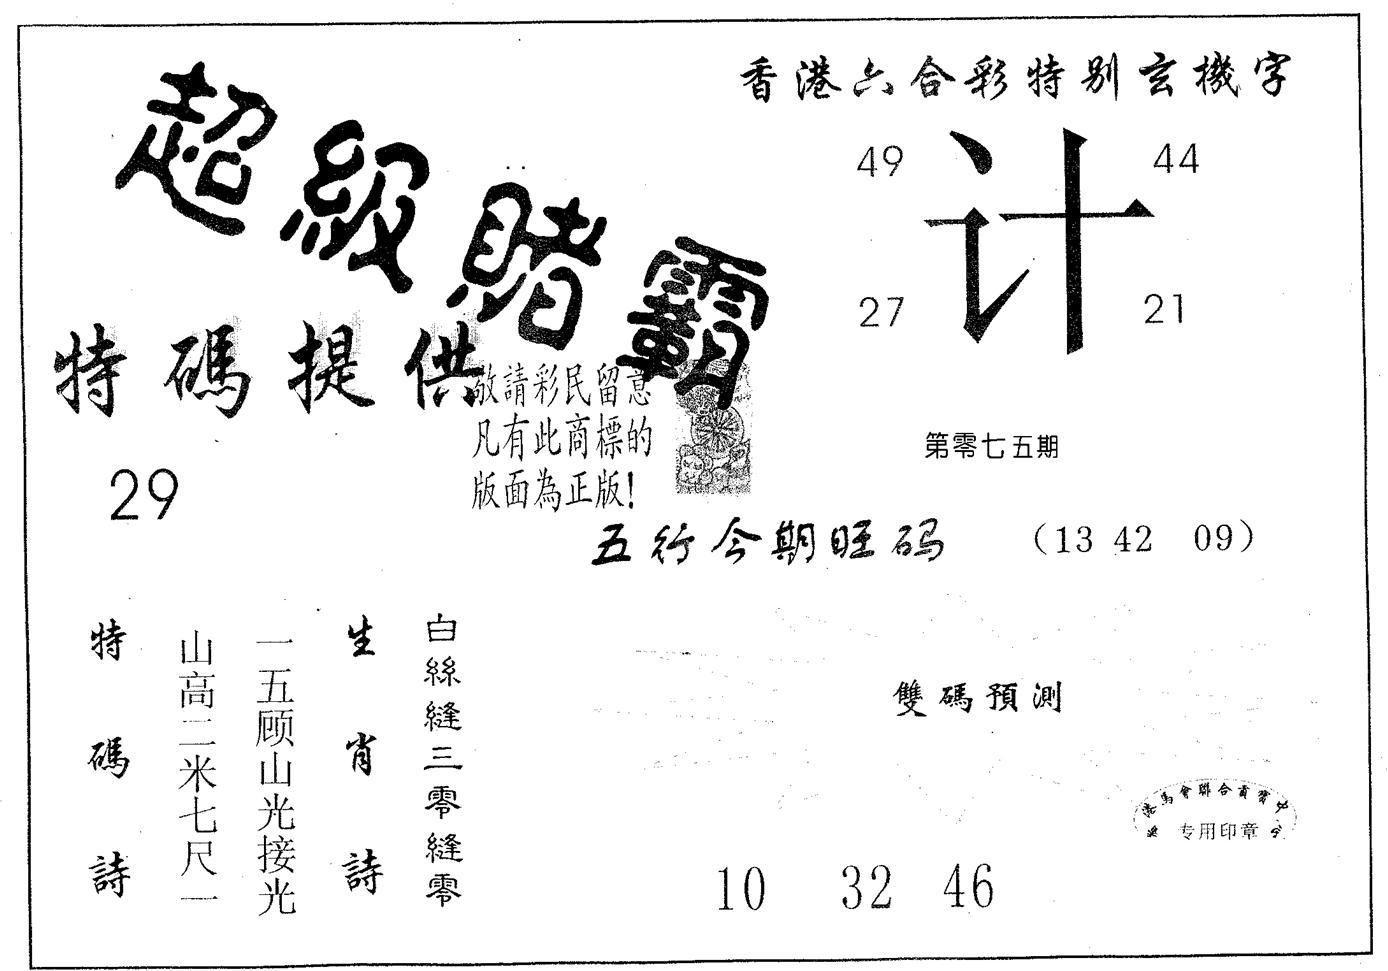 075期超极赌霸(黑白)